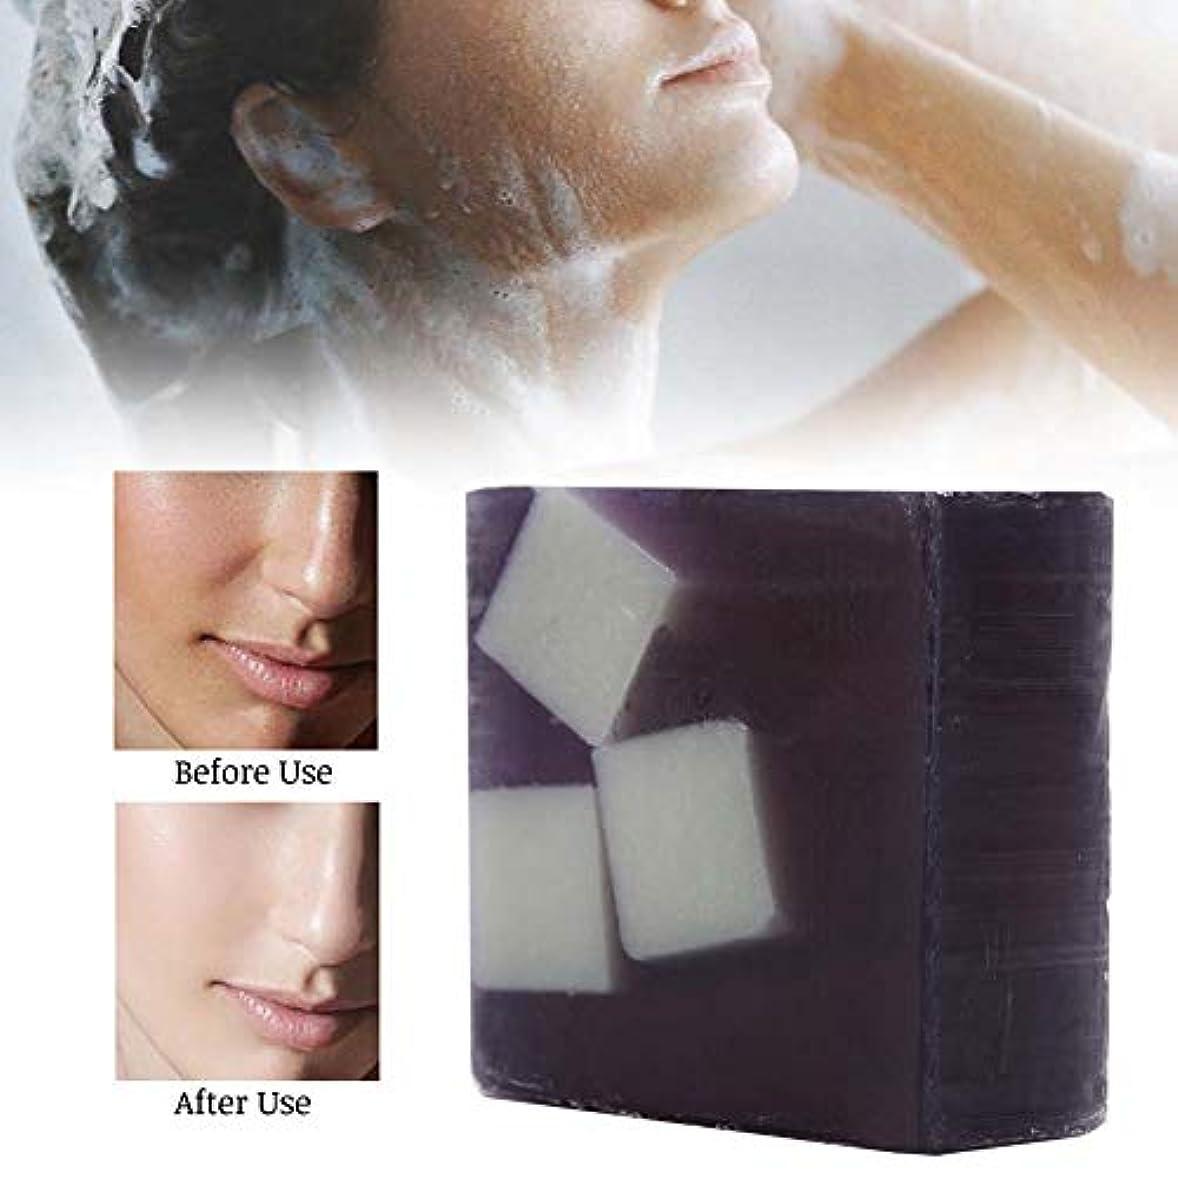 ロック補助処方する手作り石鹸 100g ディープクリーニング 火山泥 ハンドメイドグリース 保湿石鹸用